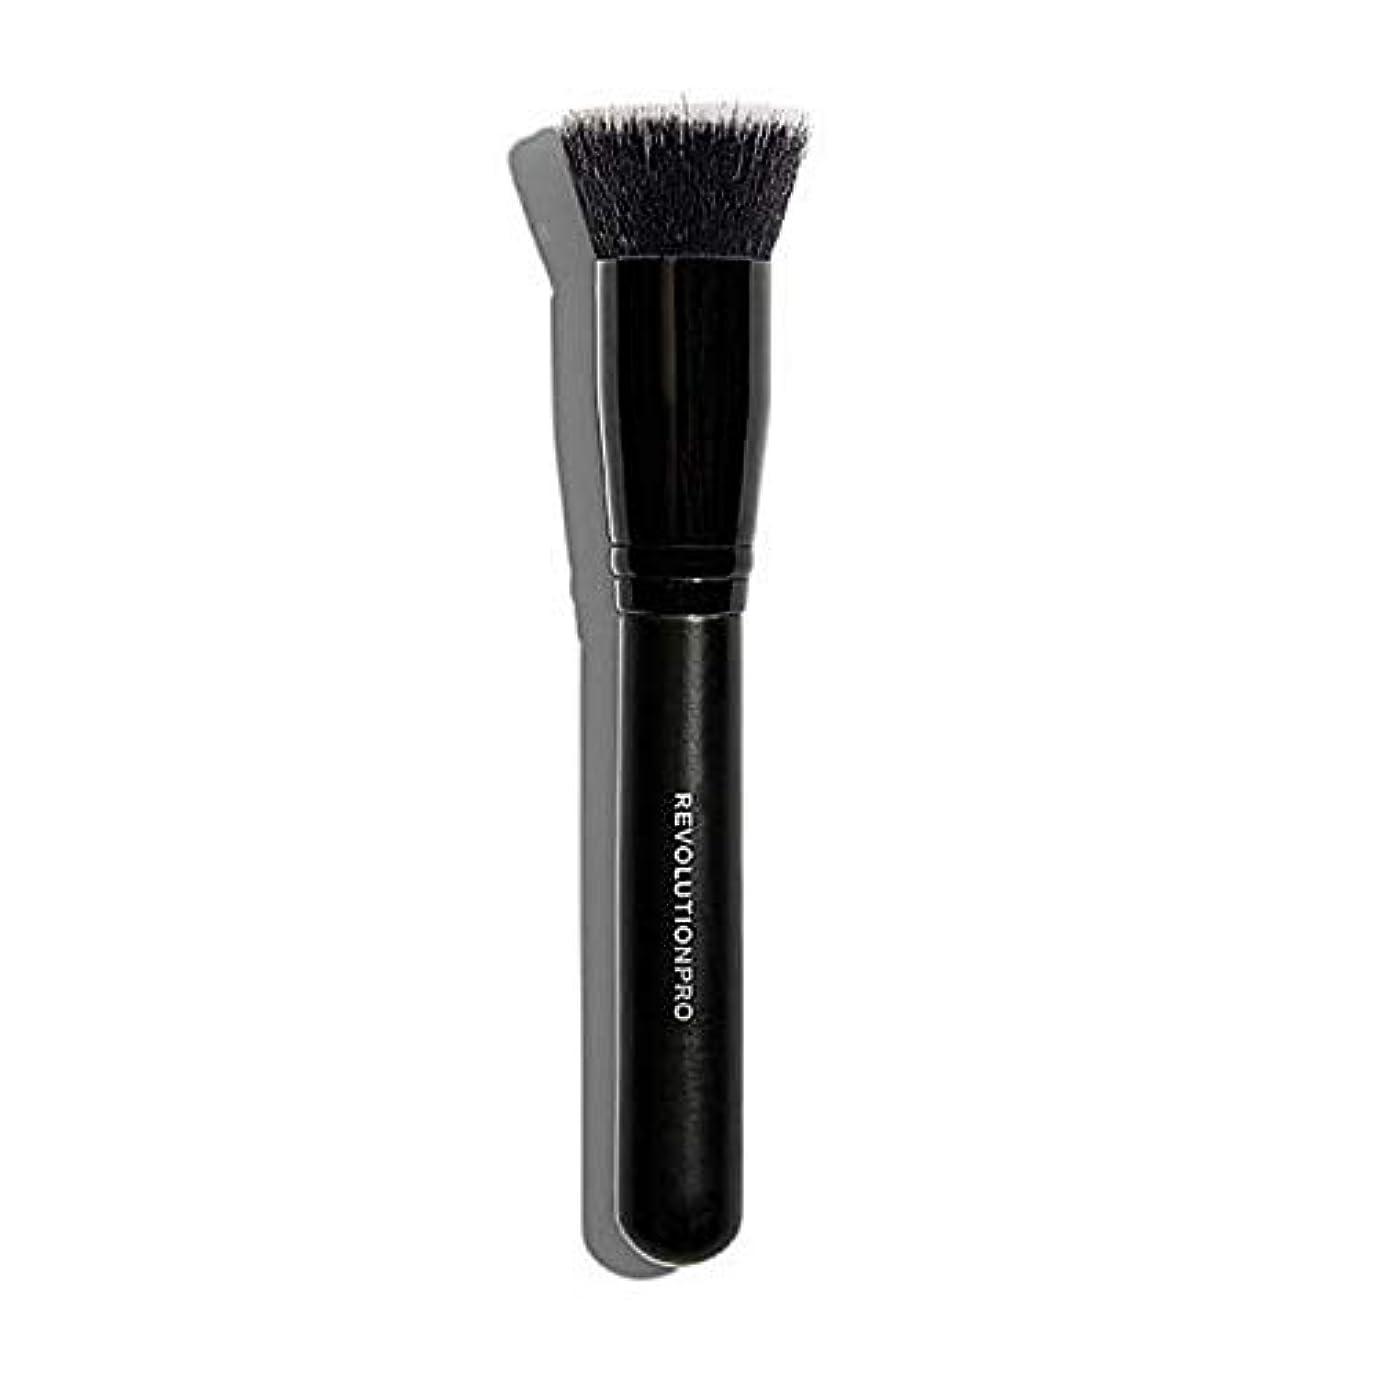 協会ステレオタイトル[Revolution ] 革命プロの液滴の基礎化粧ブラシ - Revolution Pro Liquid Drop Foundation Makeup Brush [並行輸入品]